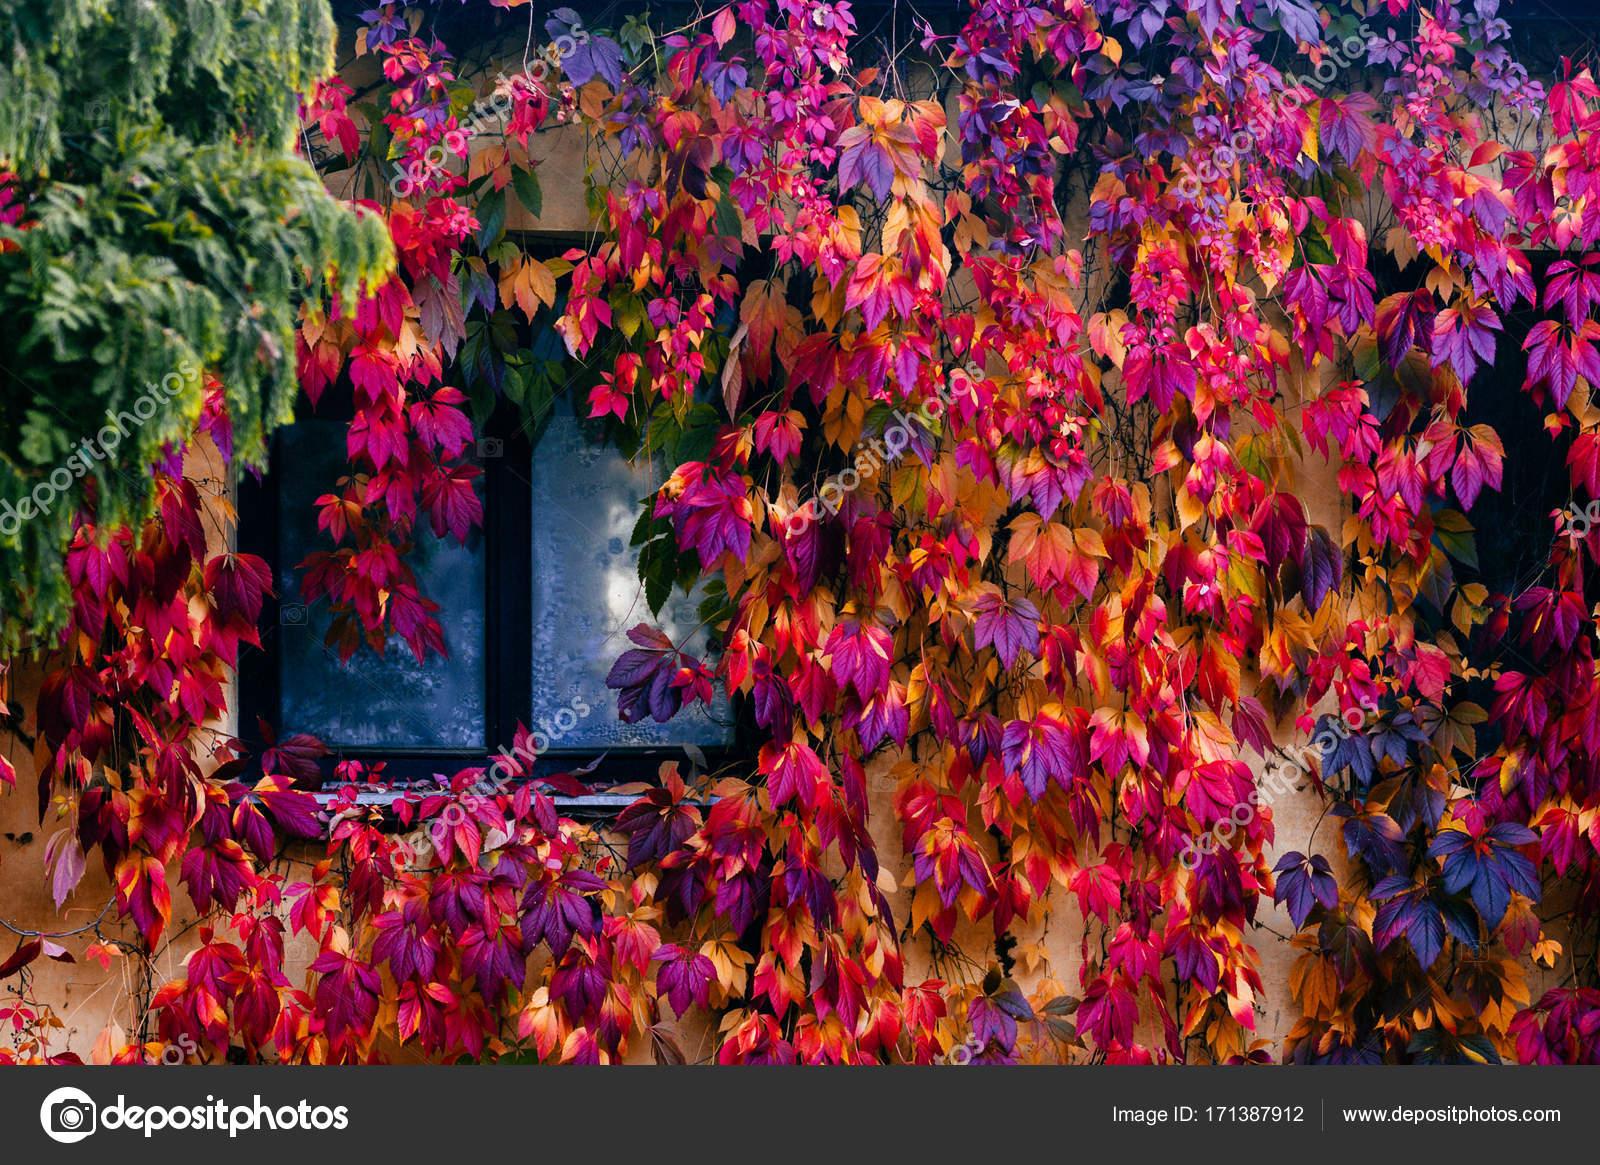 Altes Gemütliches Haus Im Europäischen Stil. Wand Mit Reflexionen Im  Fenster. Bunten Efeu Fährt Um Vintage Fassade. Bunte Schöne Herbst Tapete.